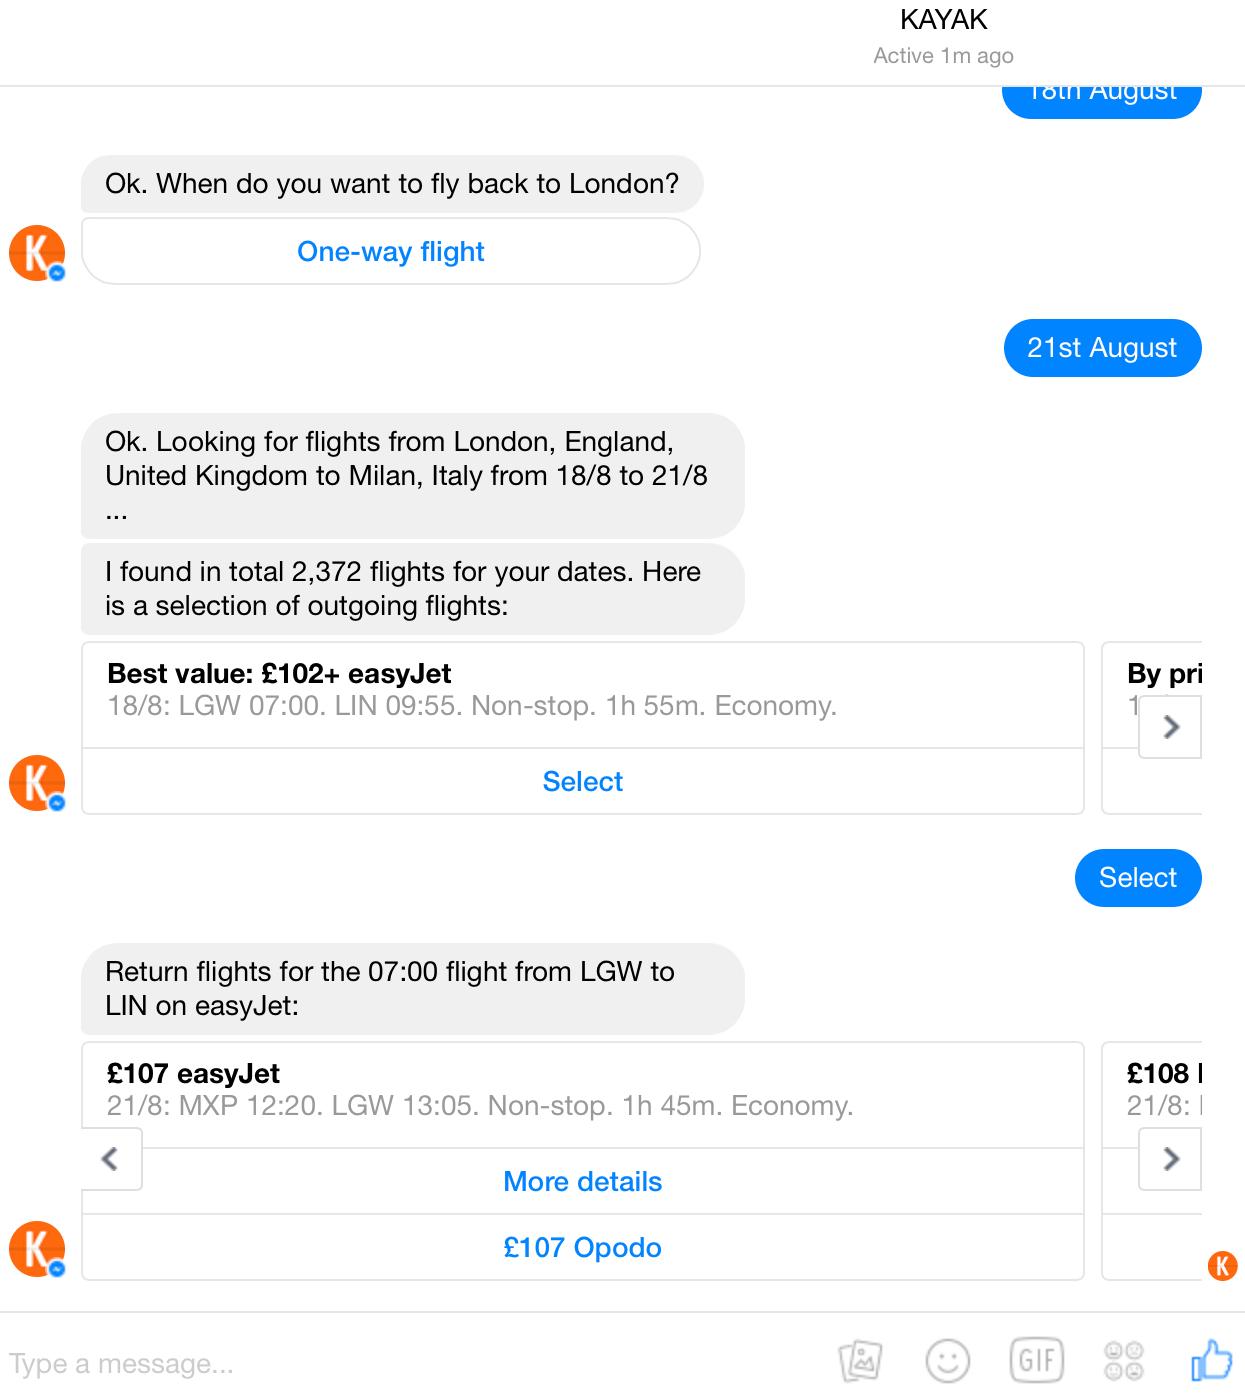 Kayak bot conversation 3